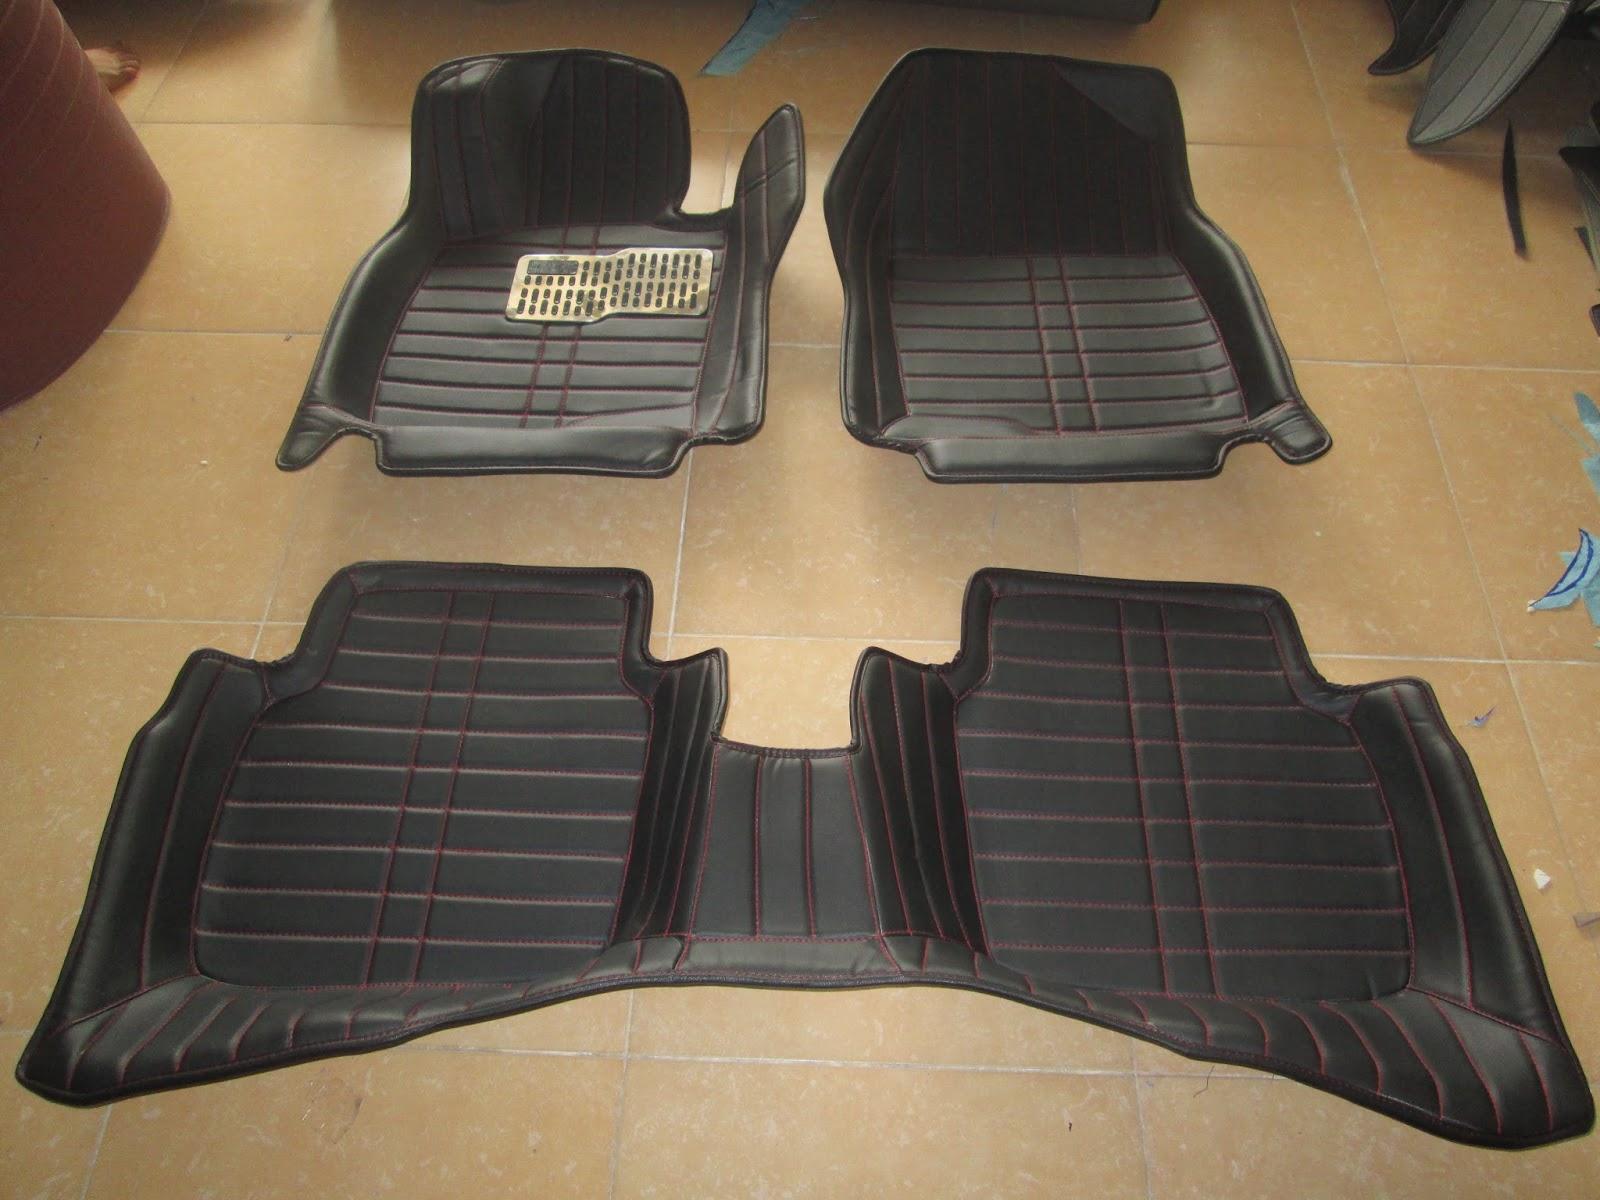 thảm lót sàn xe xe hơi 4d màu đen thamlotxe.com